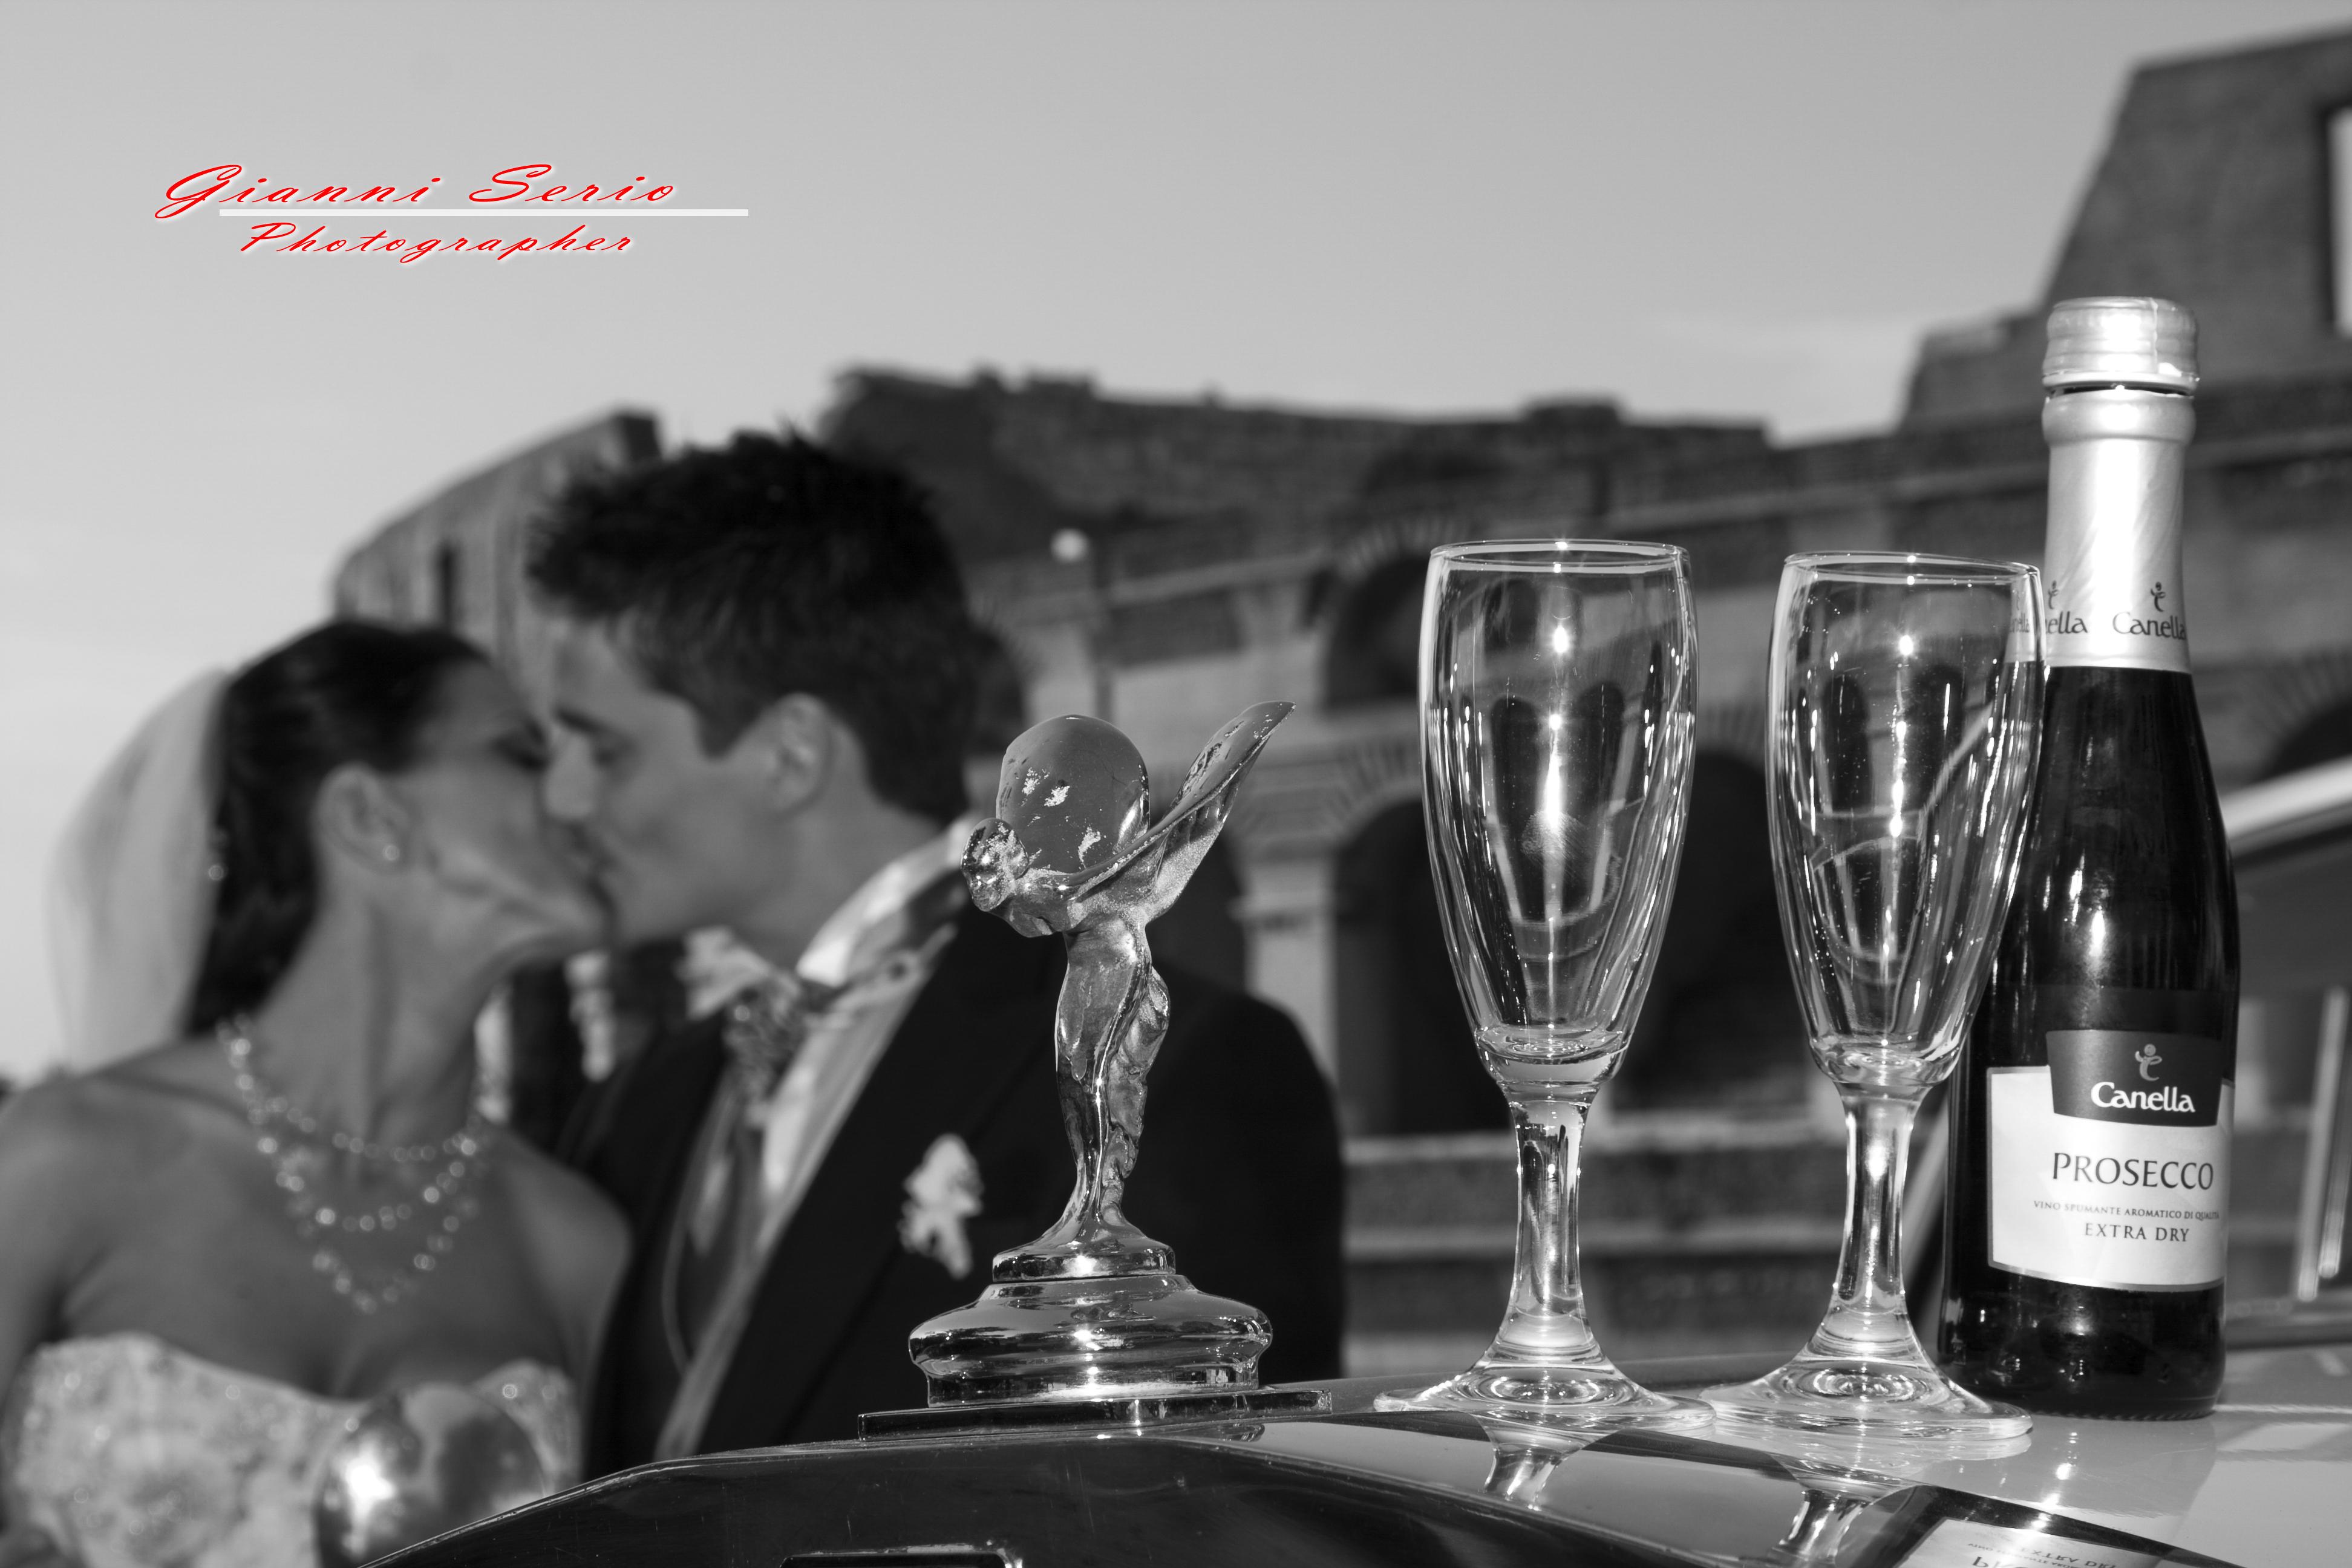 Matrimonio a roma, fotografo per servizi fotografici di matrimonio